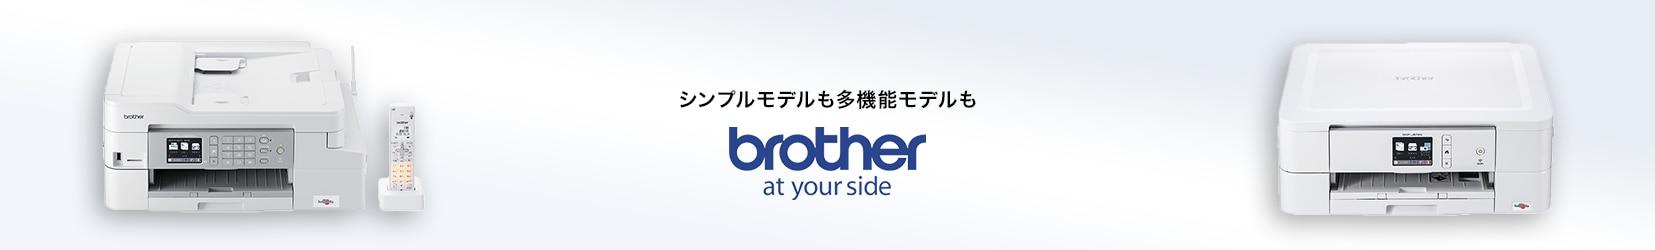 シンプルモデルも多機能モデルもbrother at your side